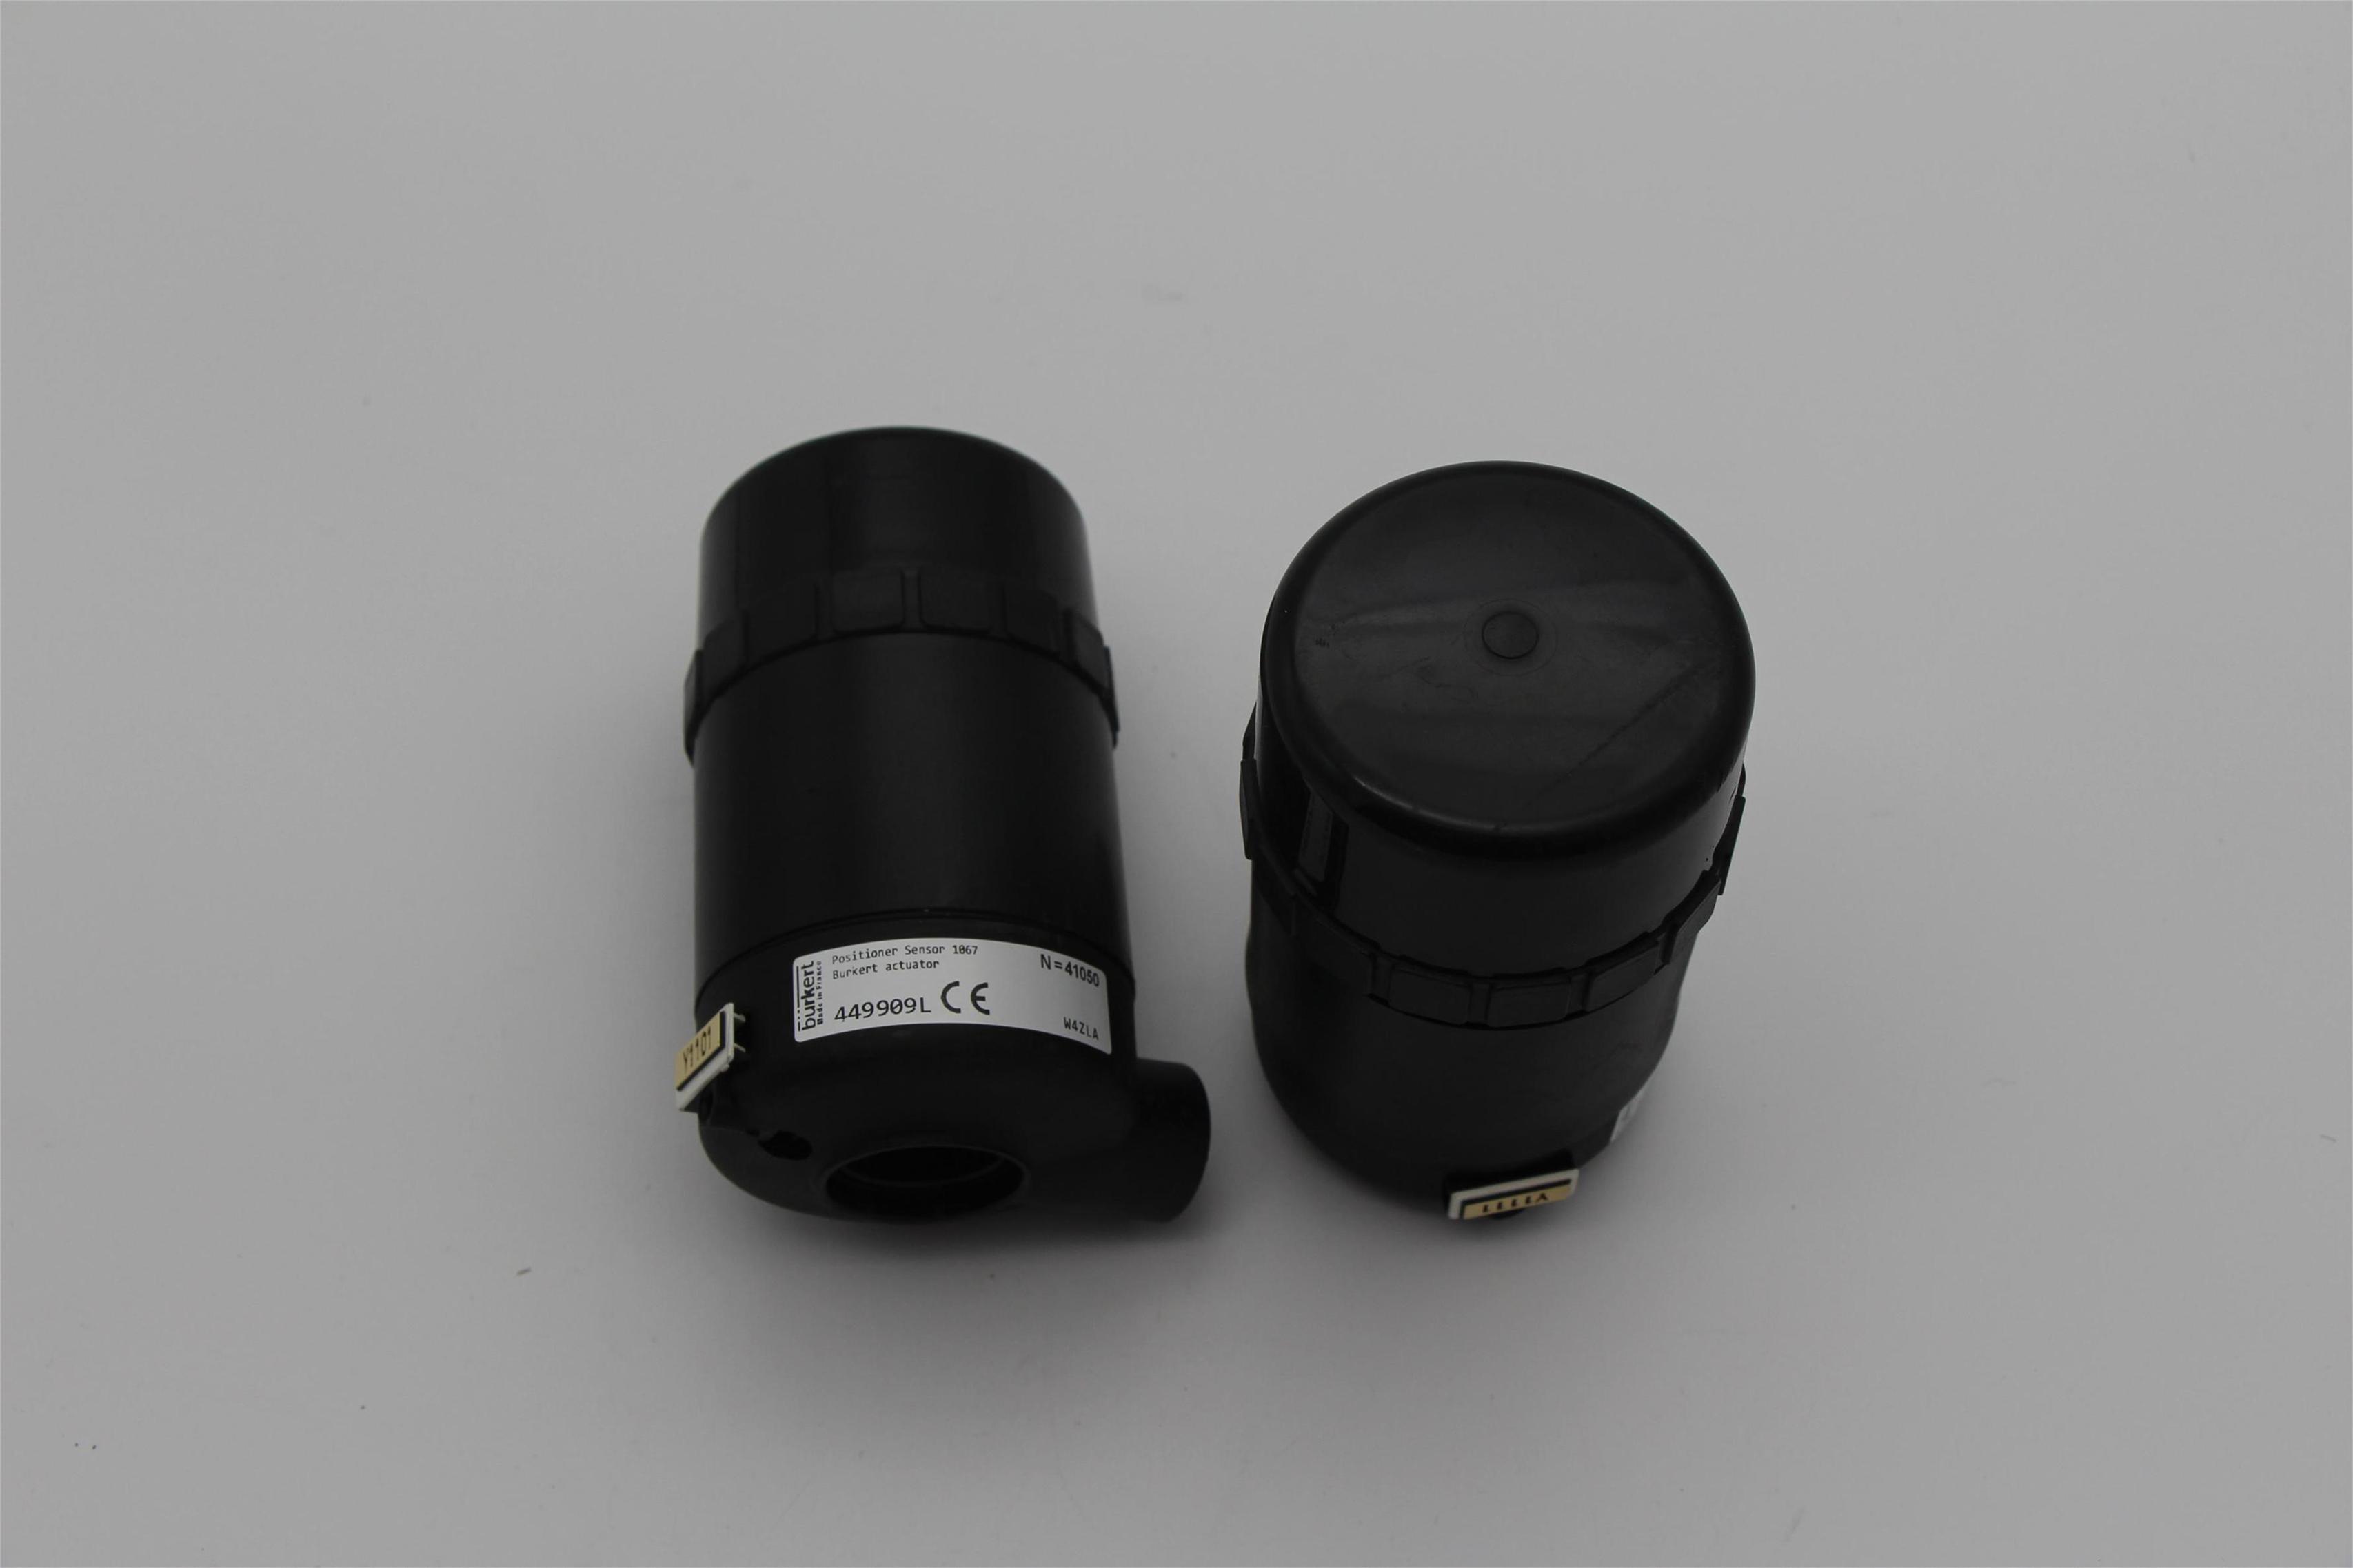 質量好的比例閥控制頭外殼-深圳哪里有賣價格適中的2702比例閥控制頭外殼